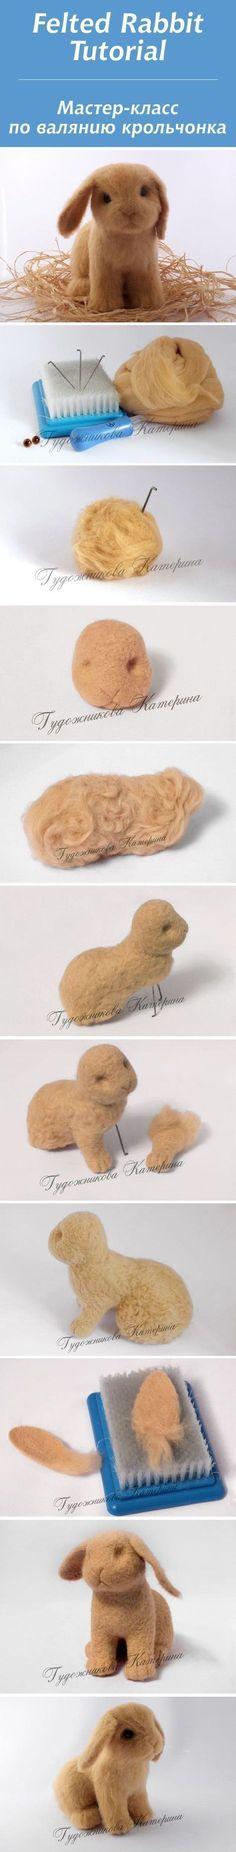 Мастер-класс по валянию крольчонка / Felted Rabbit Tutorial #felting #tutorial #feltanimalsdiy #needlefeltingtutorials